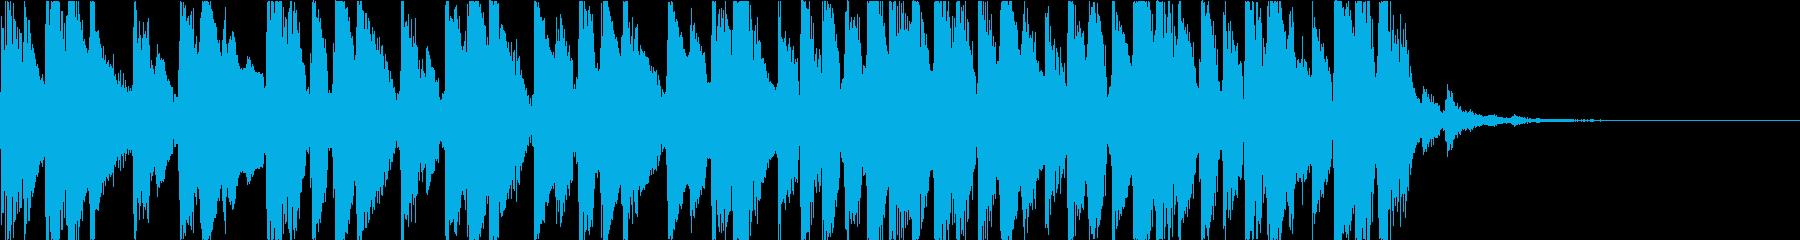 爽やかなウクレレジングルの再生済みの波形